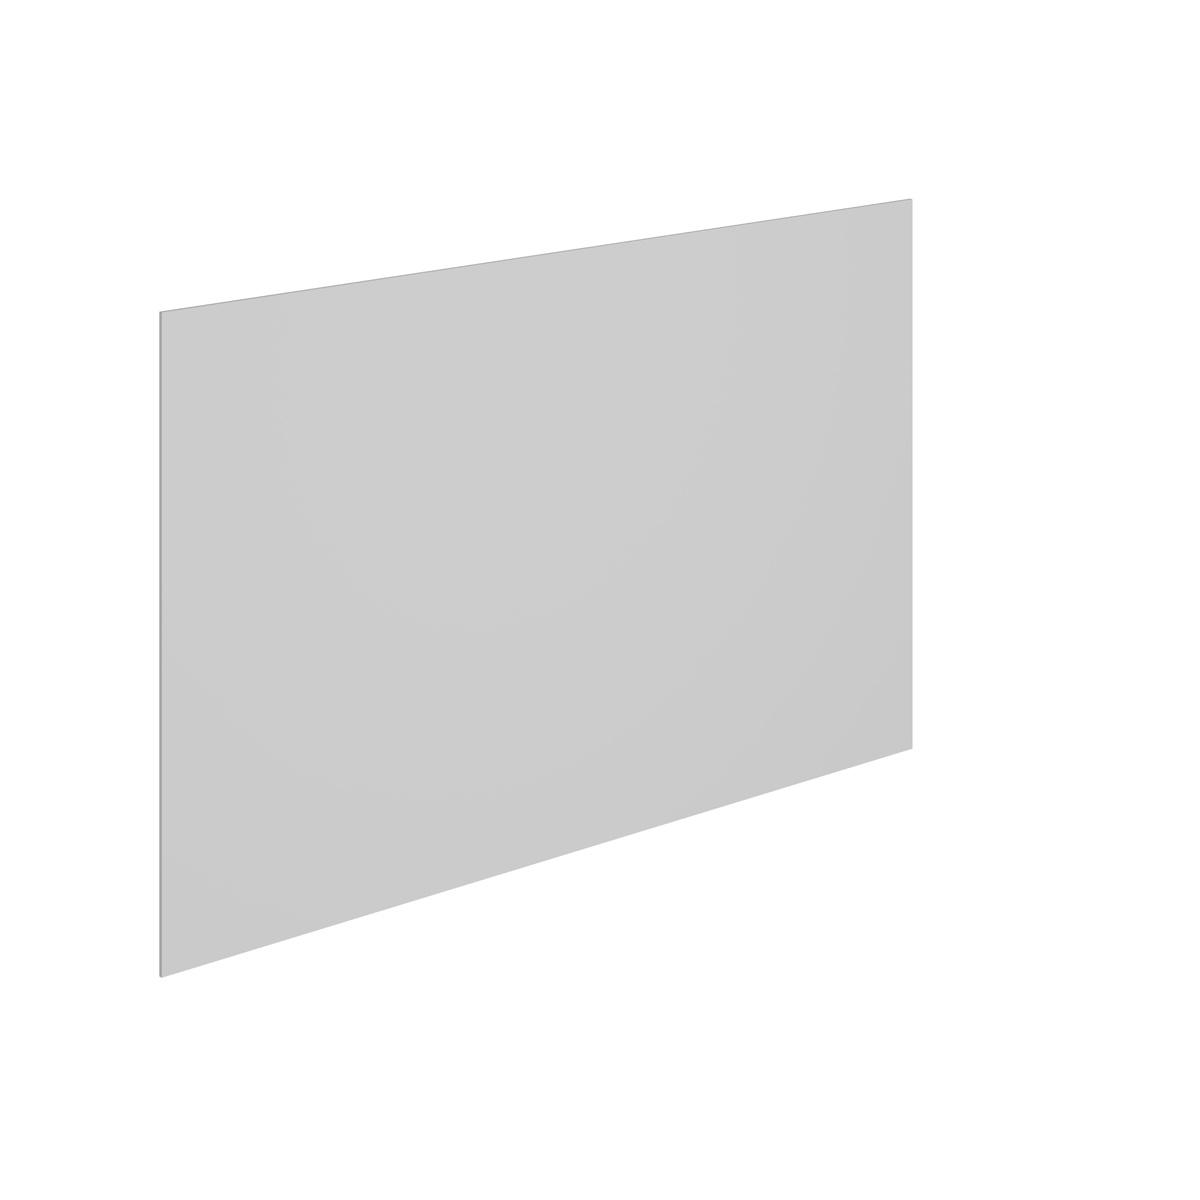 PHORMA Spiegel 120x75 cm